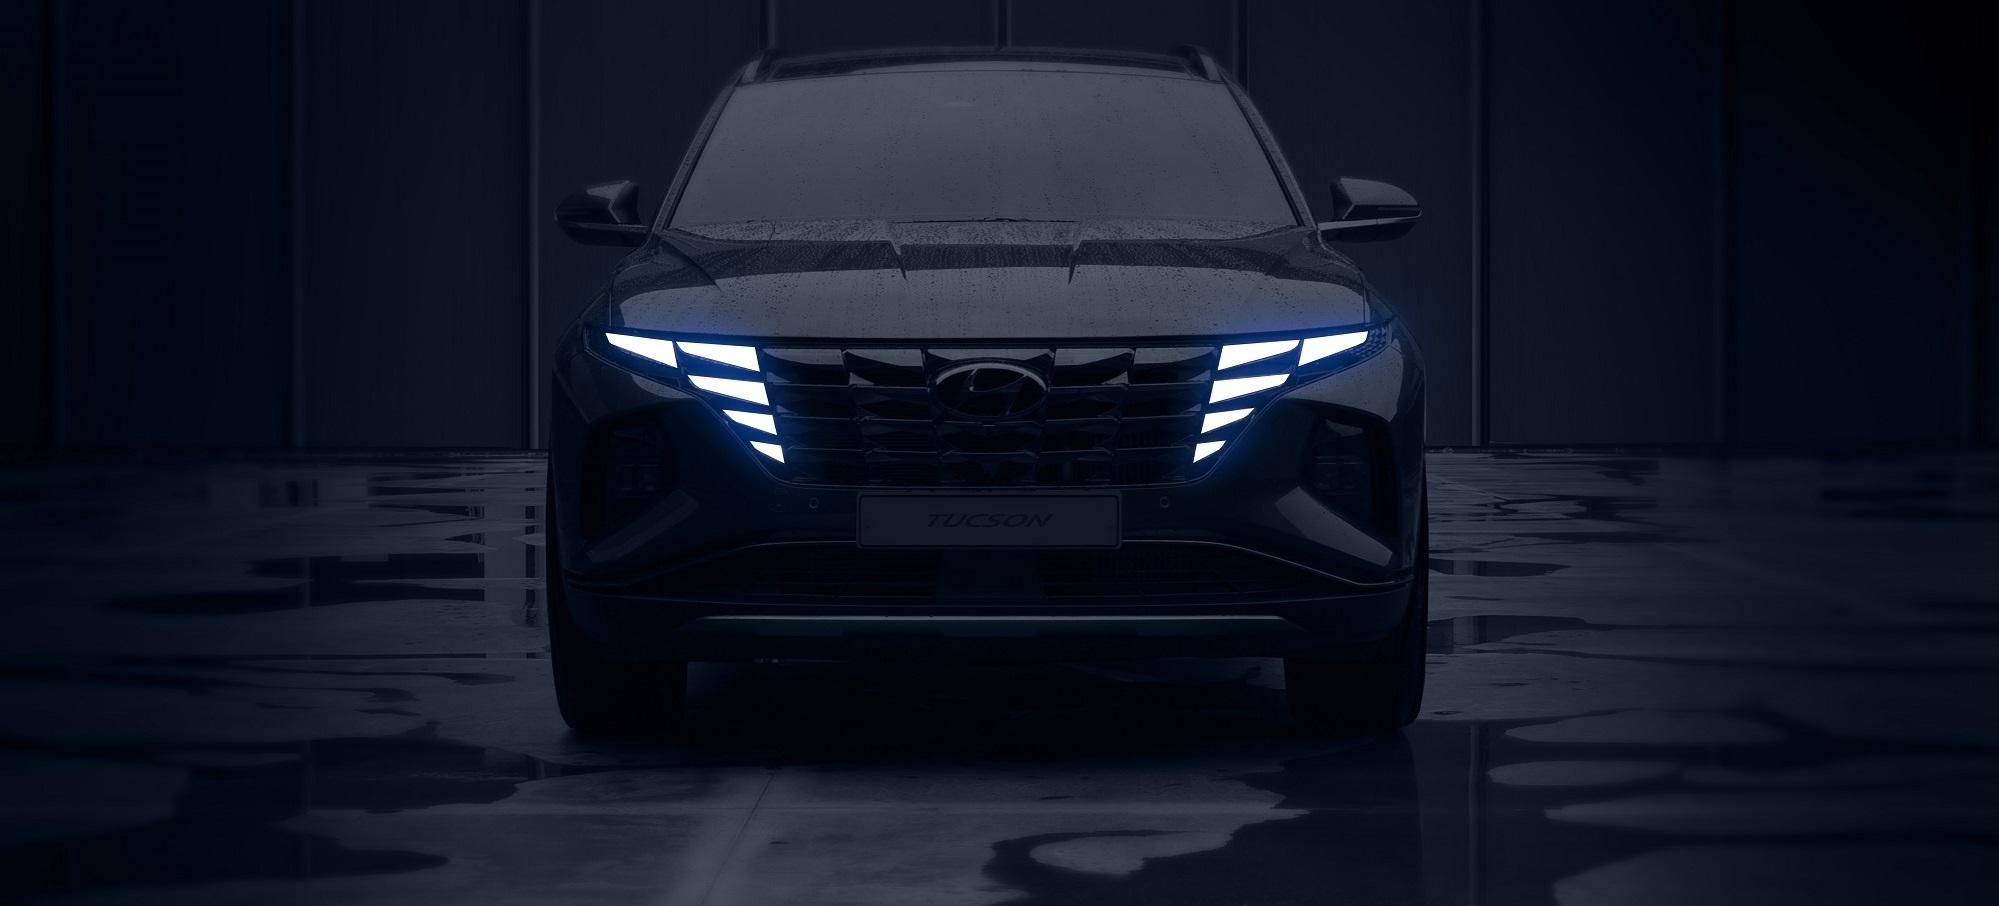 Nový Hyundai Tucson prichádza s výrazným dizajnom vonku aj vnútri